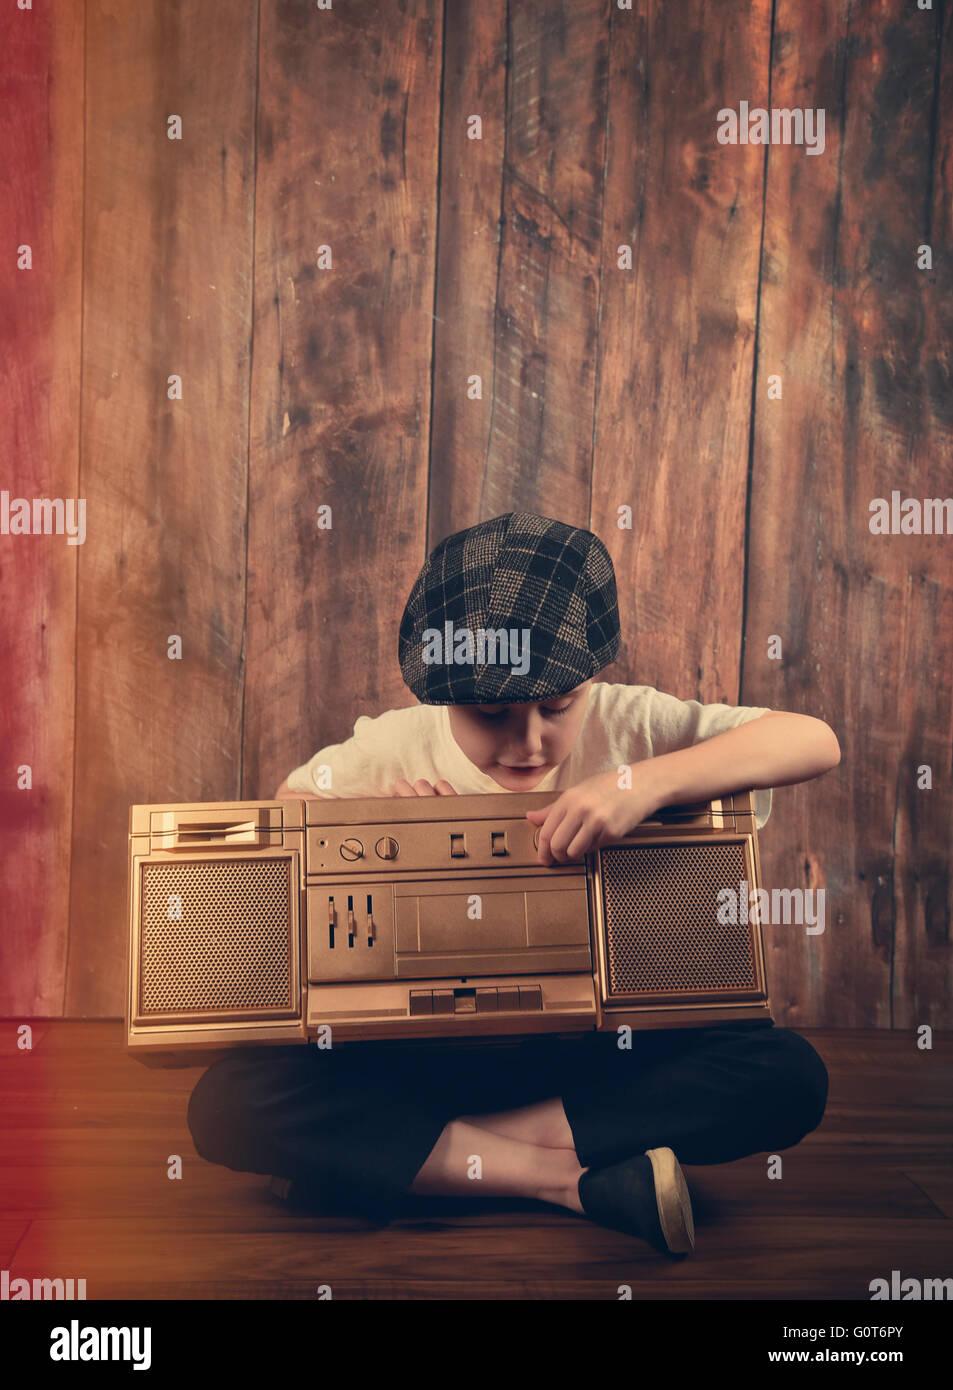 Ein Kind hört ein gold Vintage Stereomusik Boombox mit Holz Hintergrund für eine Unterhaltung oder Audio Stockbild